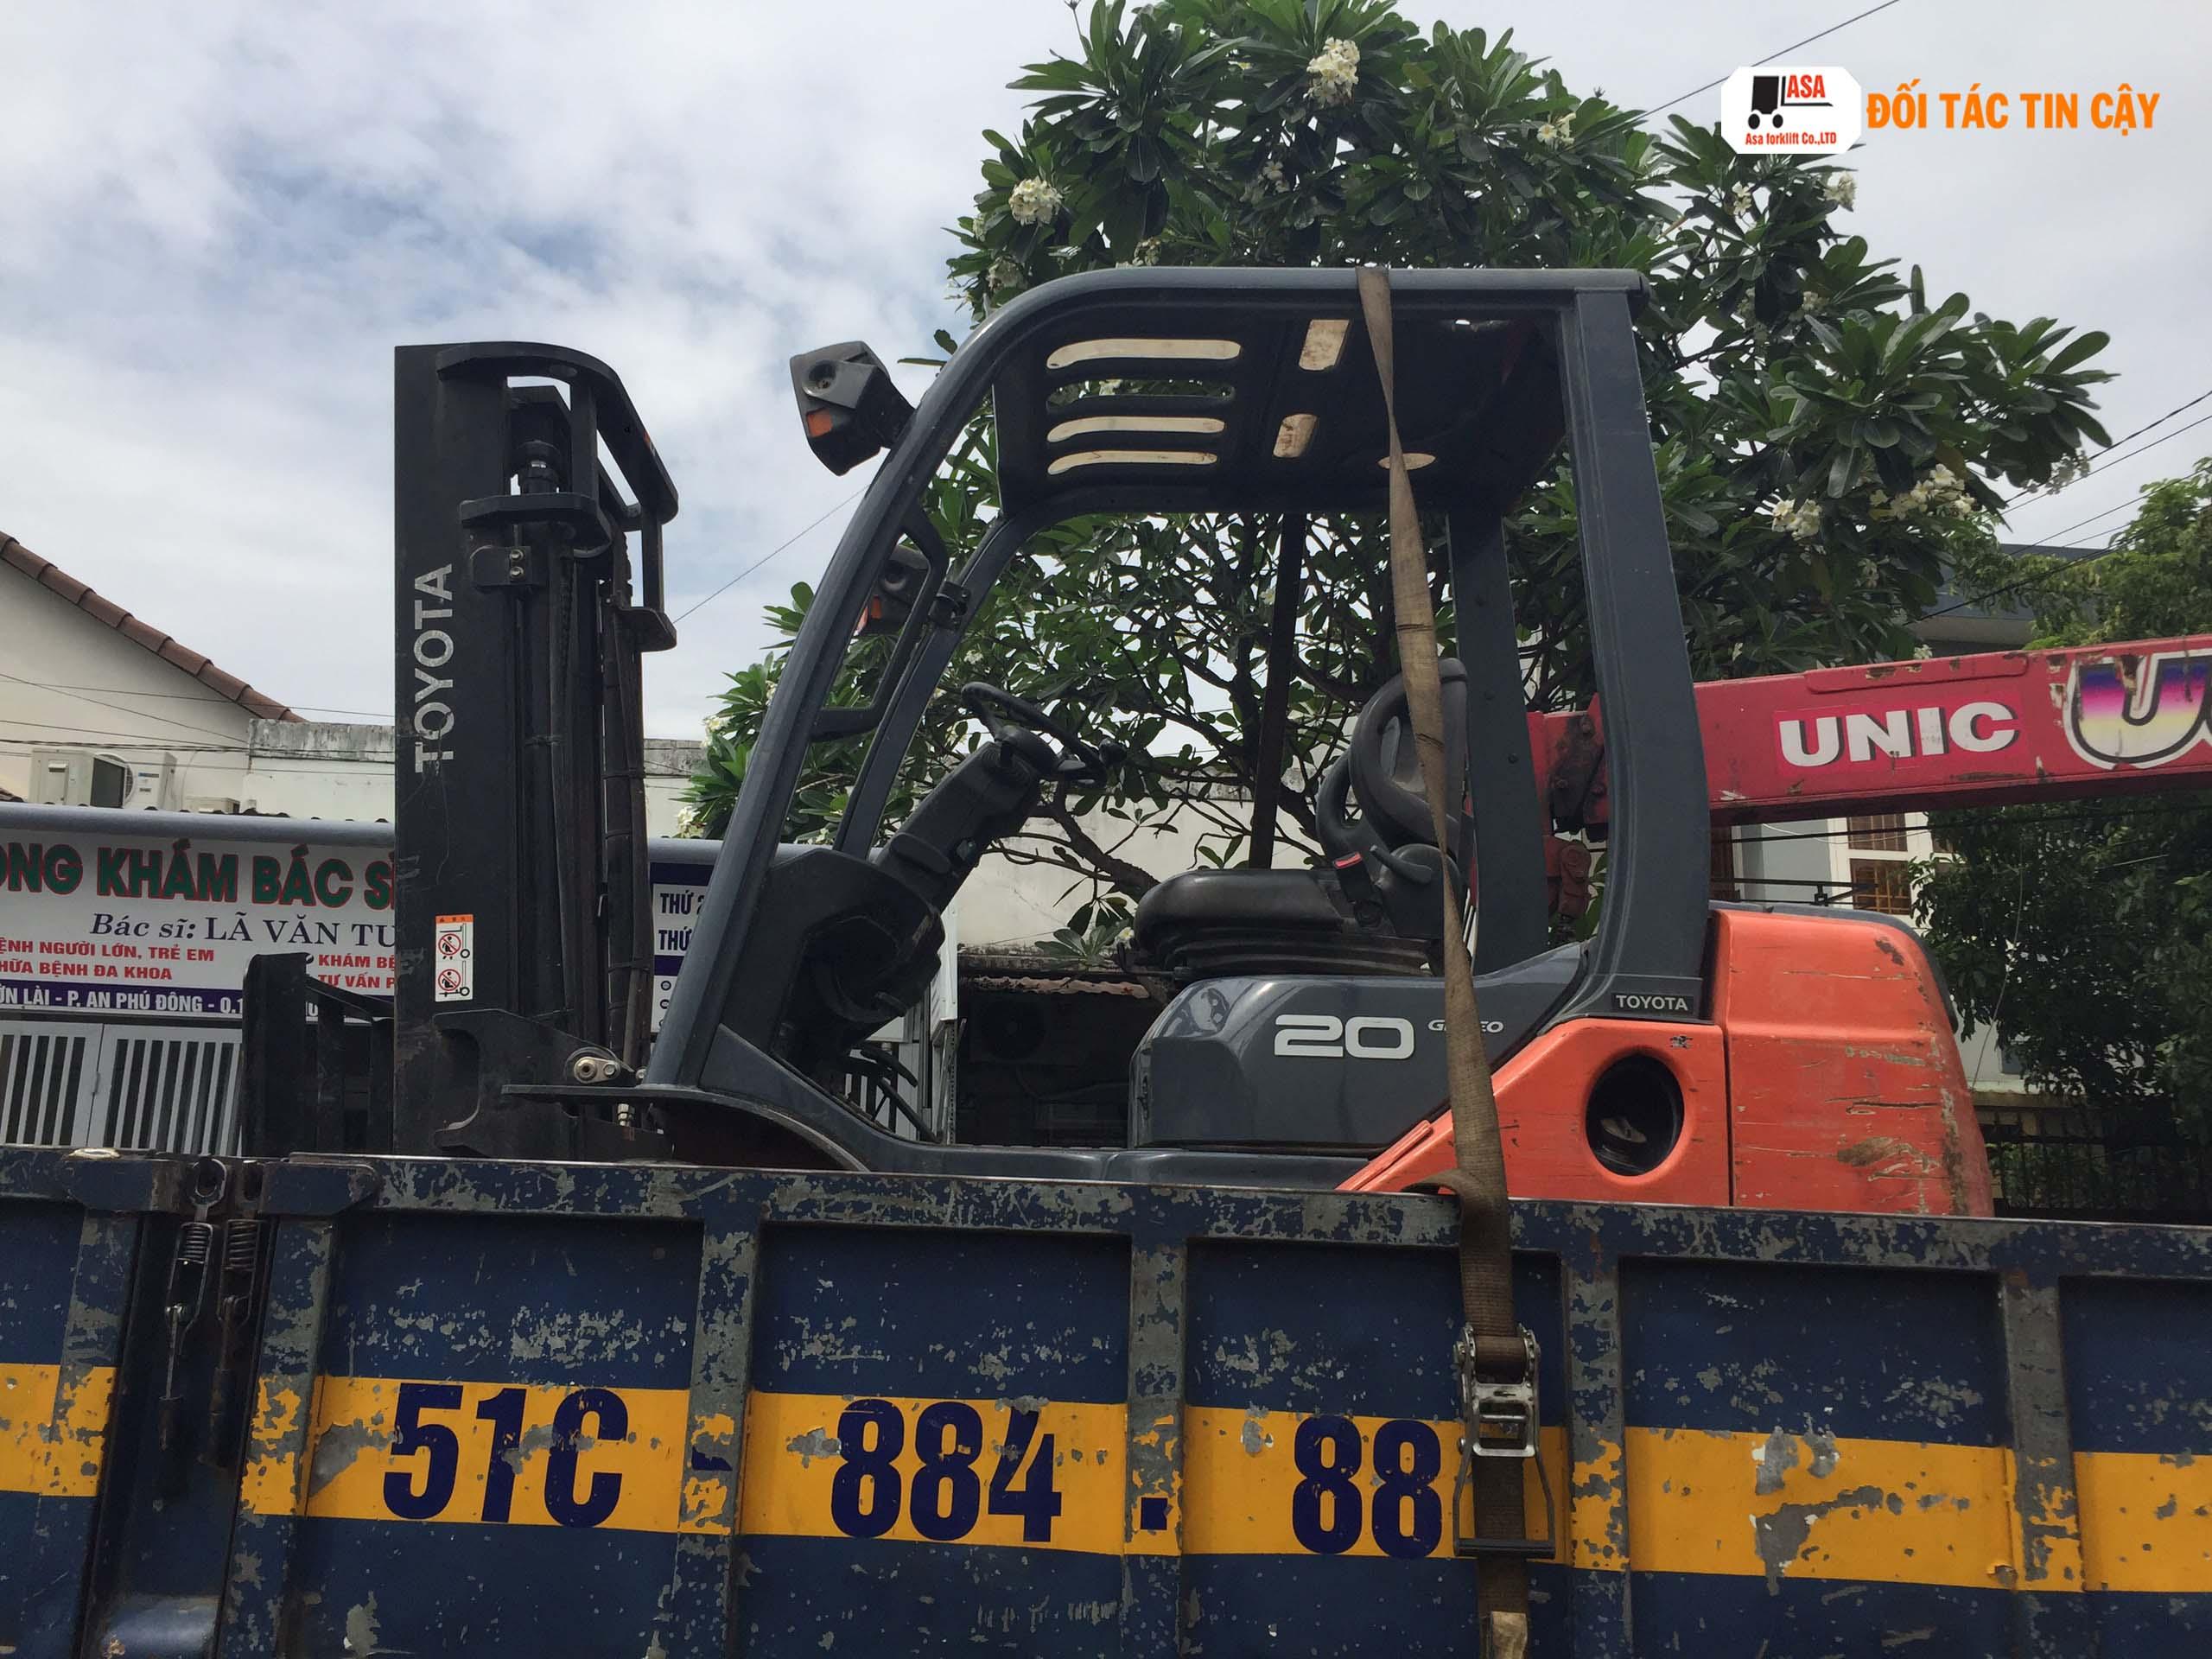 Đối tác sửa xe nâng Đồng Nai tốt, uy tín, chất lượng nhất Miền Nam